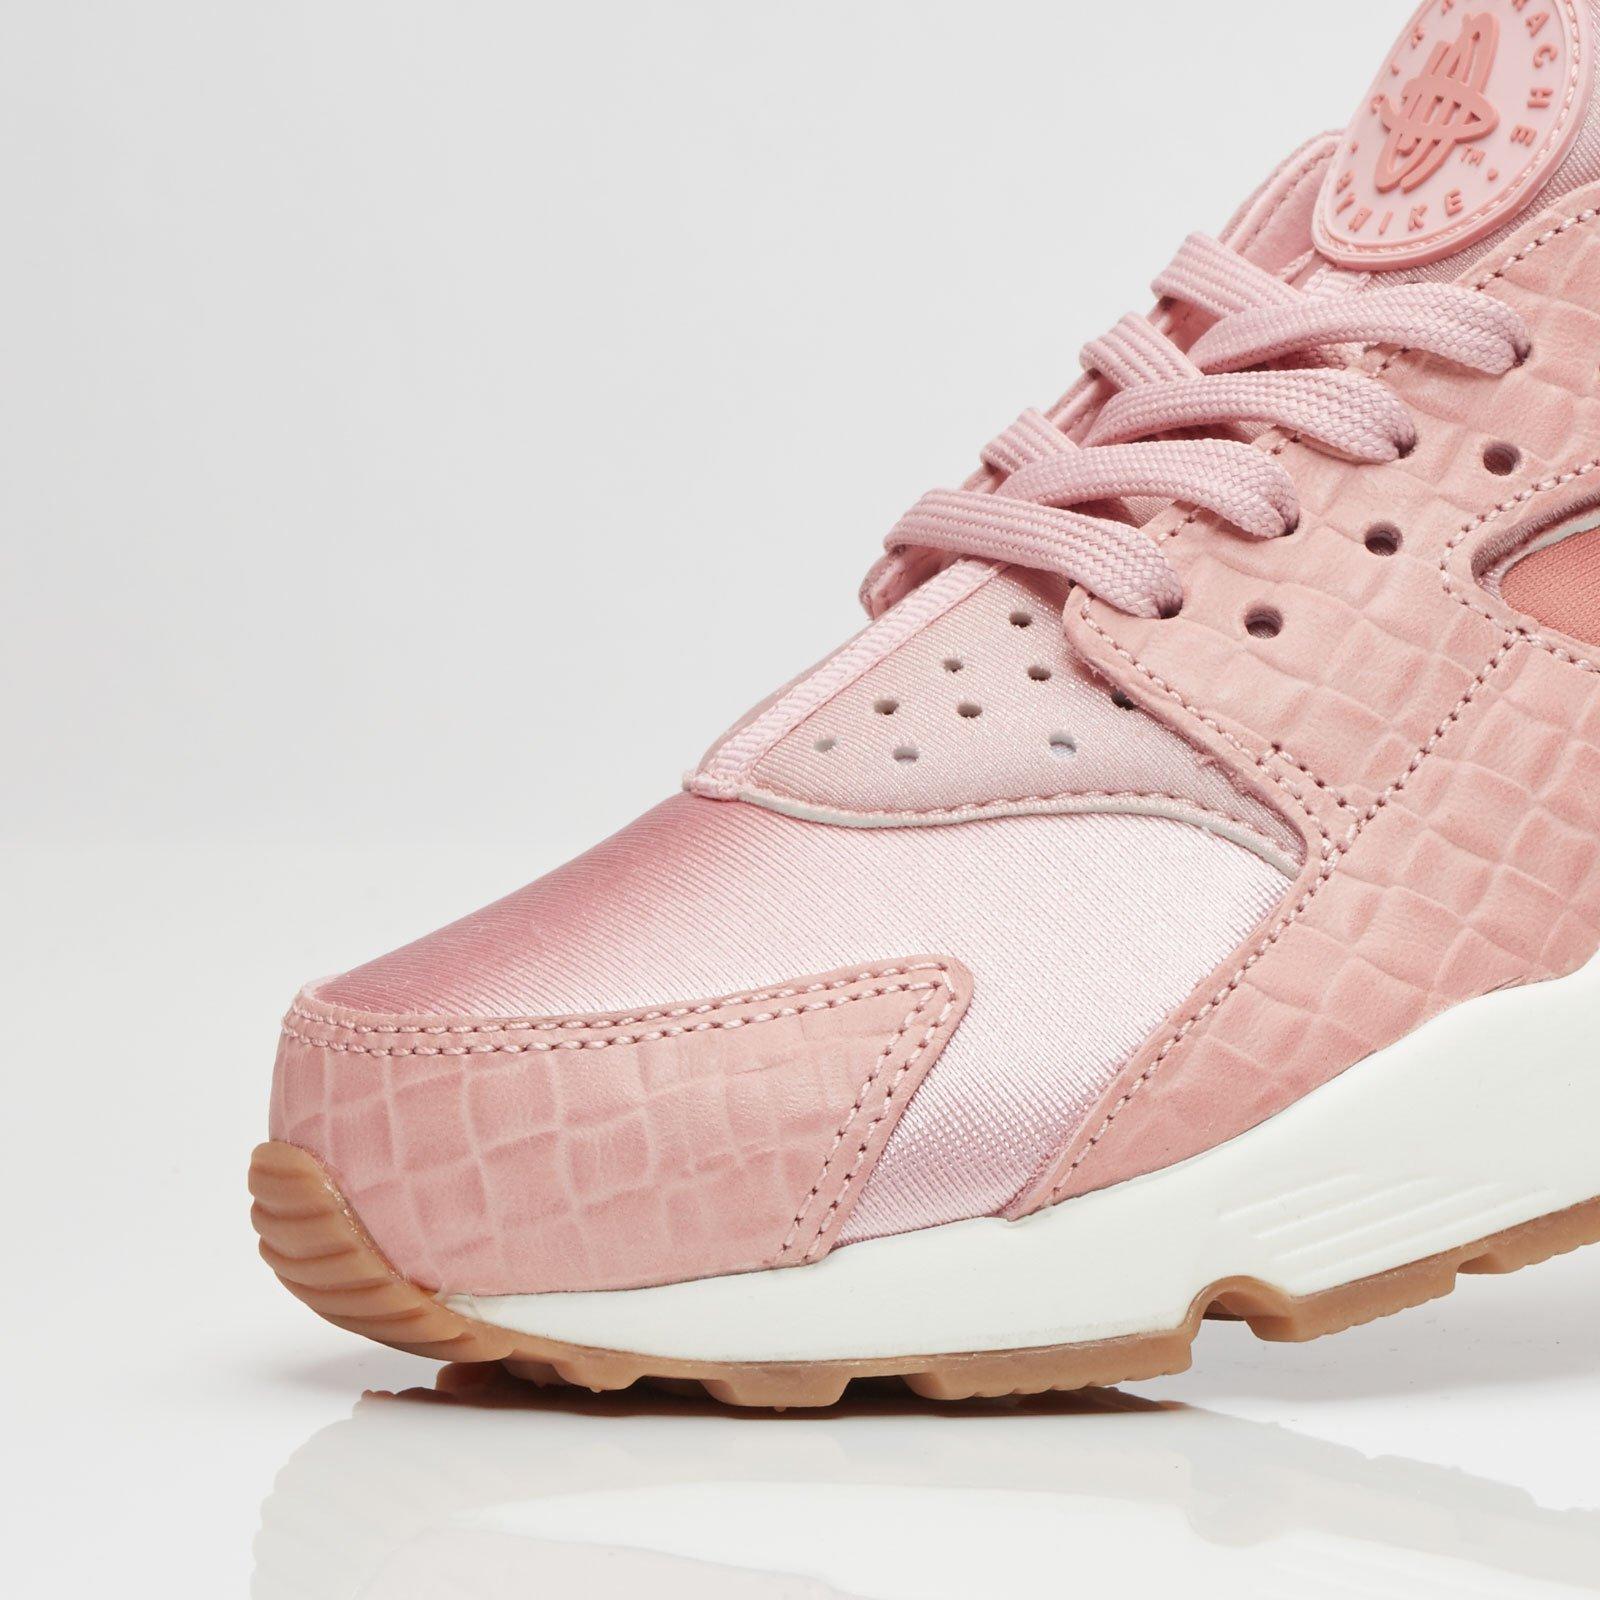 f57d7e19626ef Nike Wmns Air Huarache Run Premium - 683818-601 - Sneakersnstuff ... nike